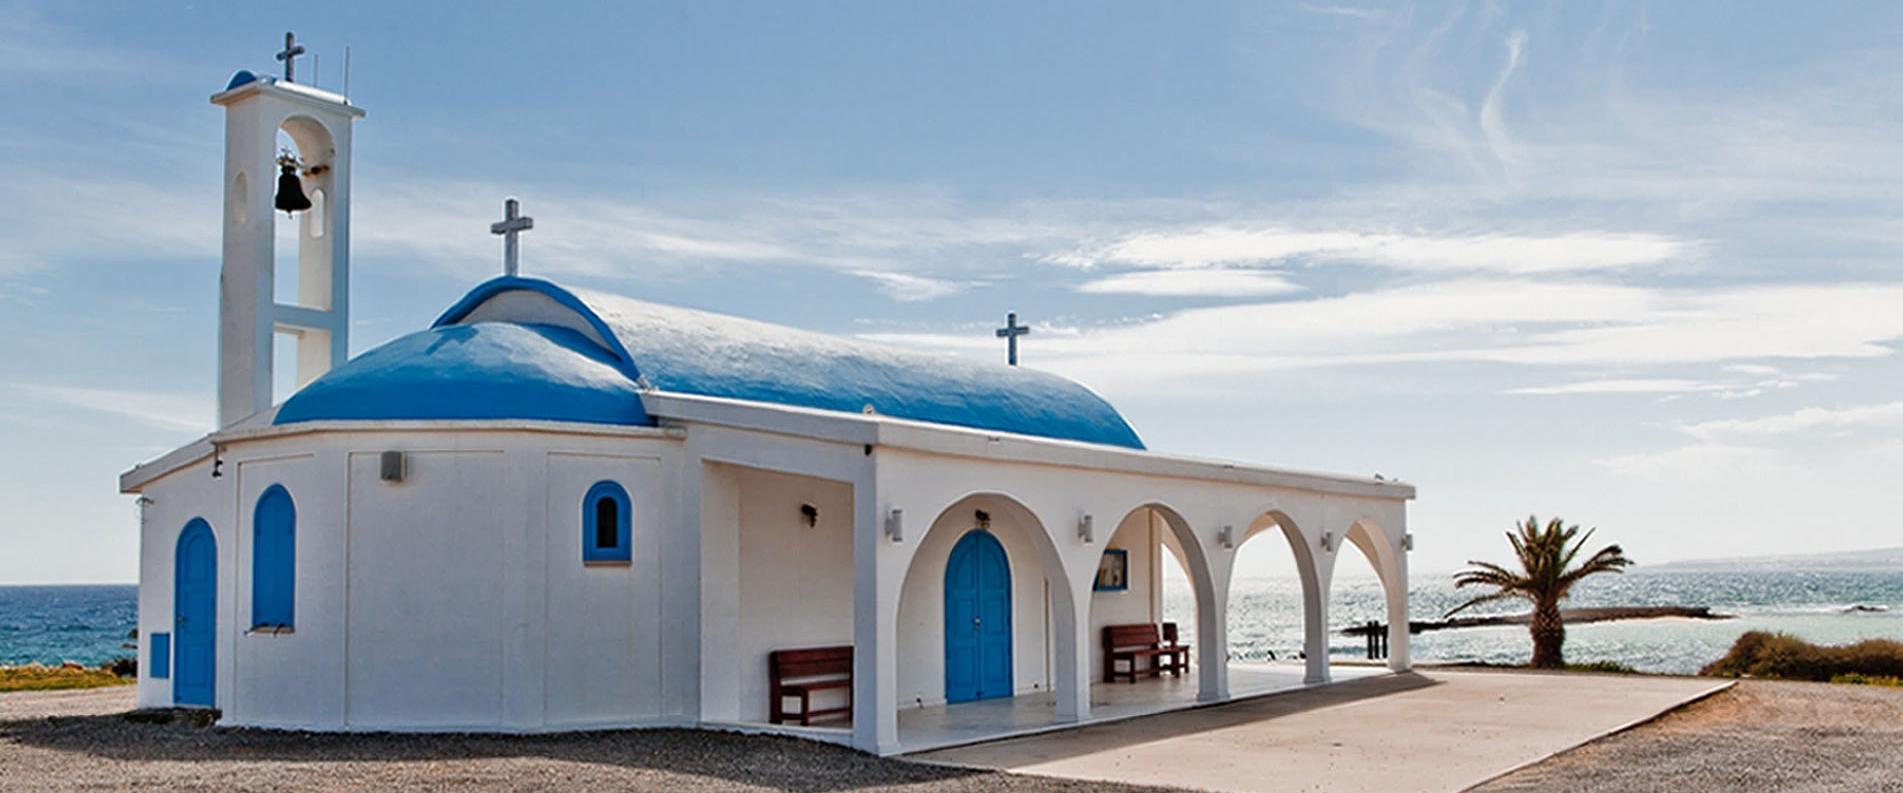 Христианство на Кипре: обзор, главные события, достопримечательности и персоны